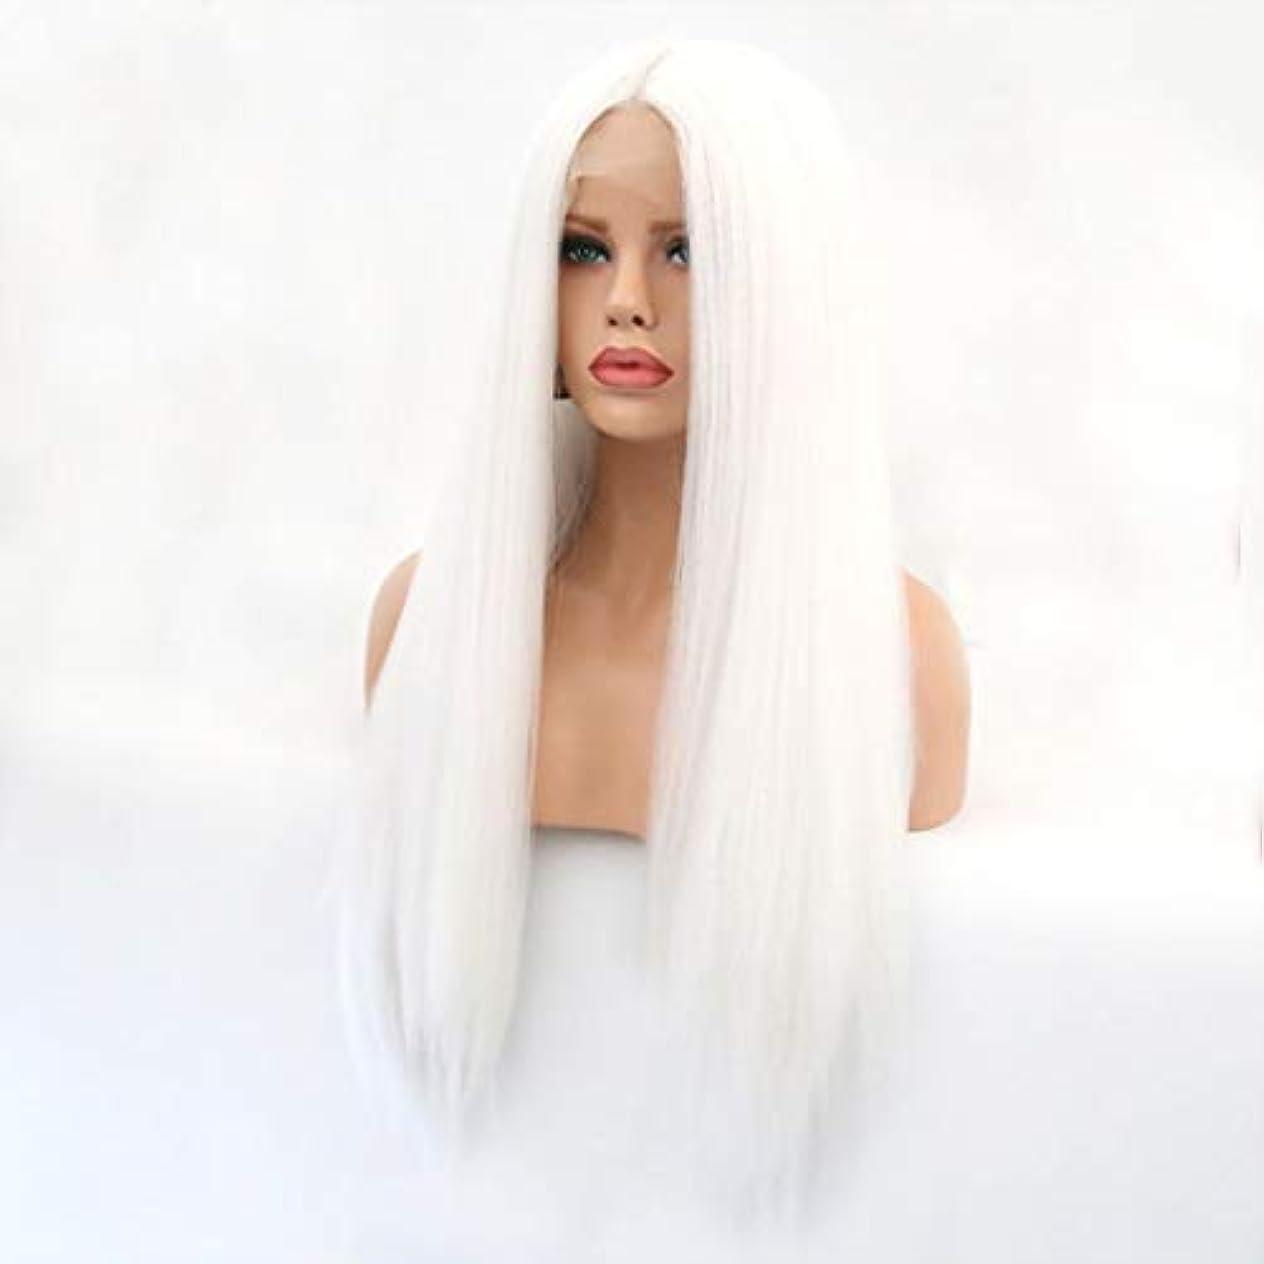 ボリューム従順スポーツの試合を担当している人Summerys 本物の髪として自然な女性のためのフロントレースホワイトかつらロングストレートヘア